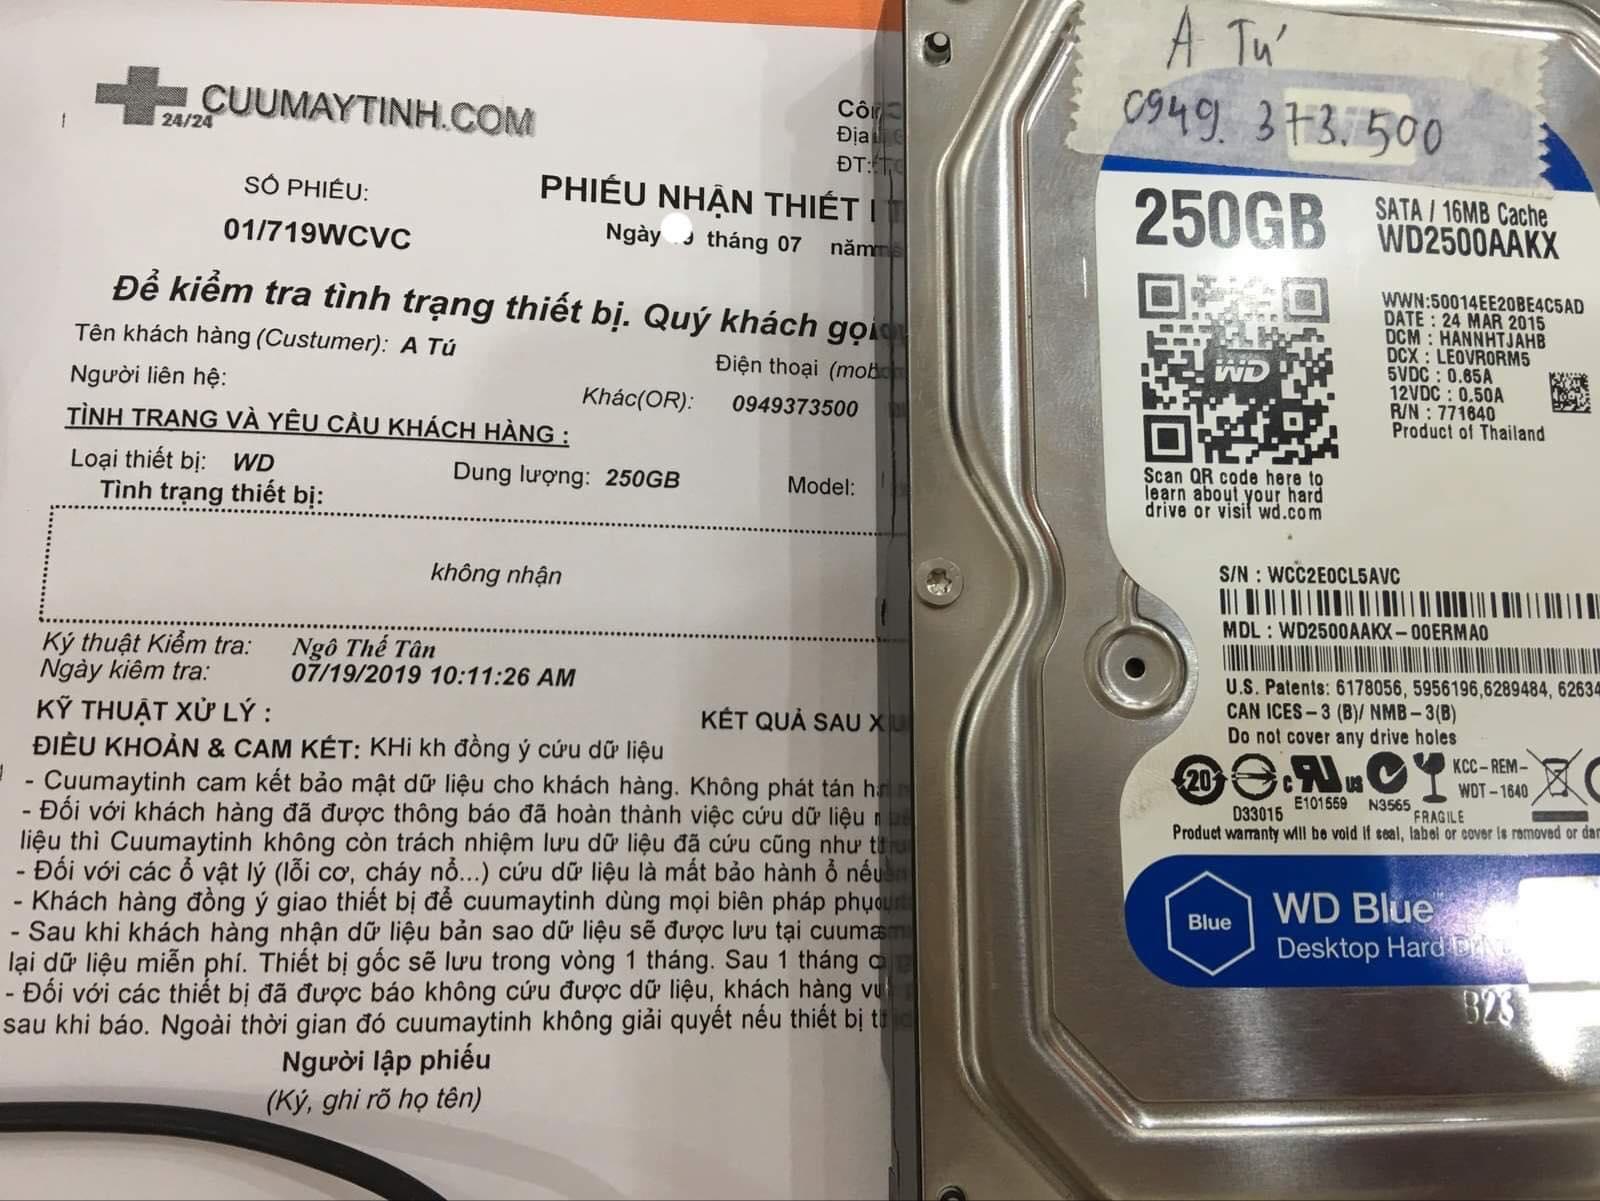 Lấy dữ liệu ổ cứng Western 250GB không nhận 26/07/2019 - cuumaytinh